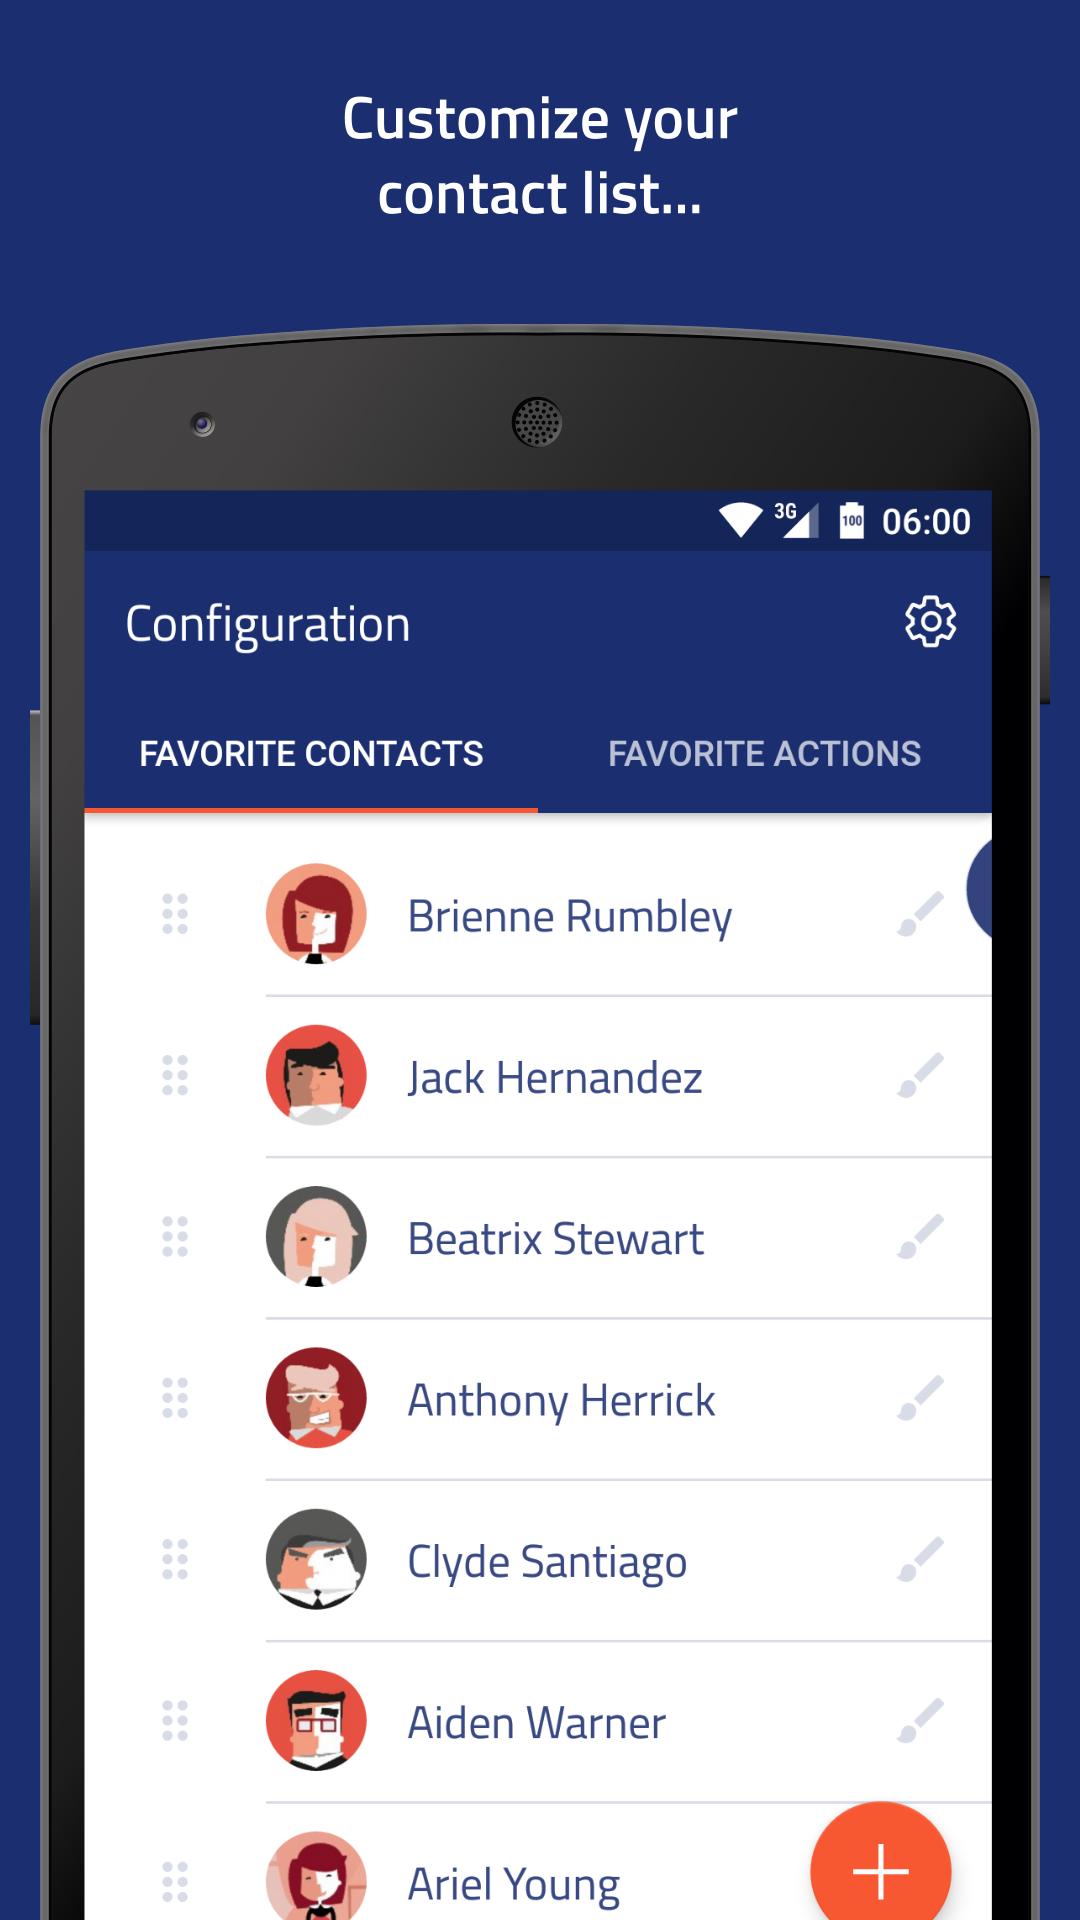 تحميل تطبيق Veer contacts widget بنسخته المجانية يسمح للمستخدم بإضافة 5 جهات إتصال